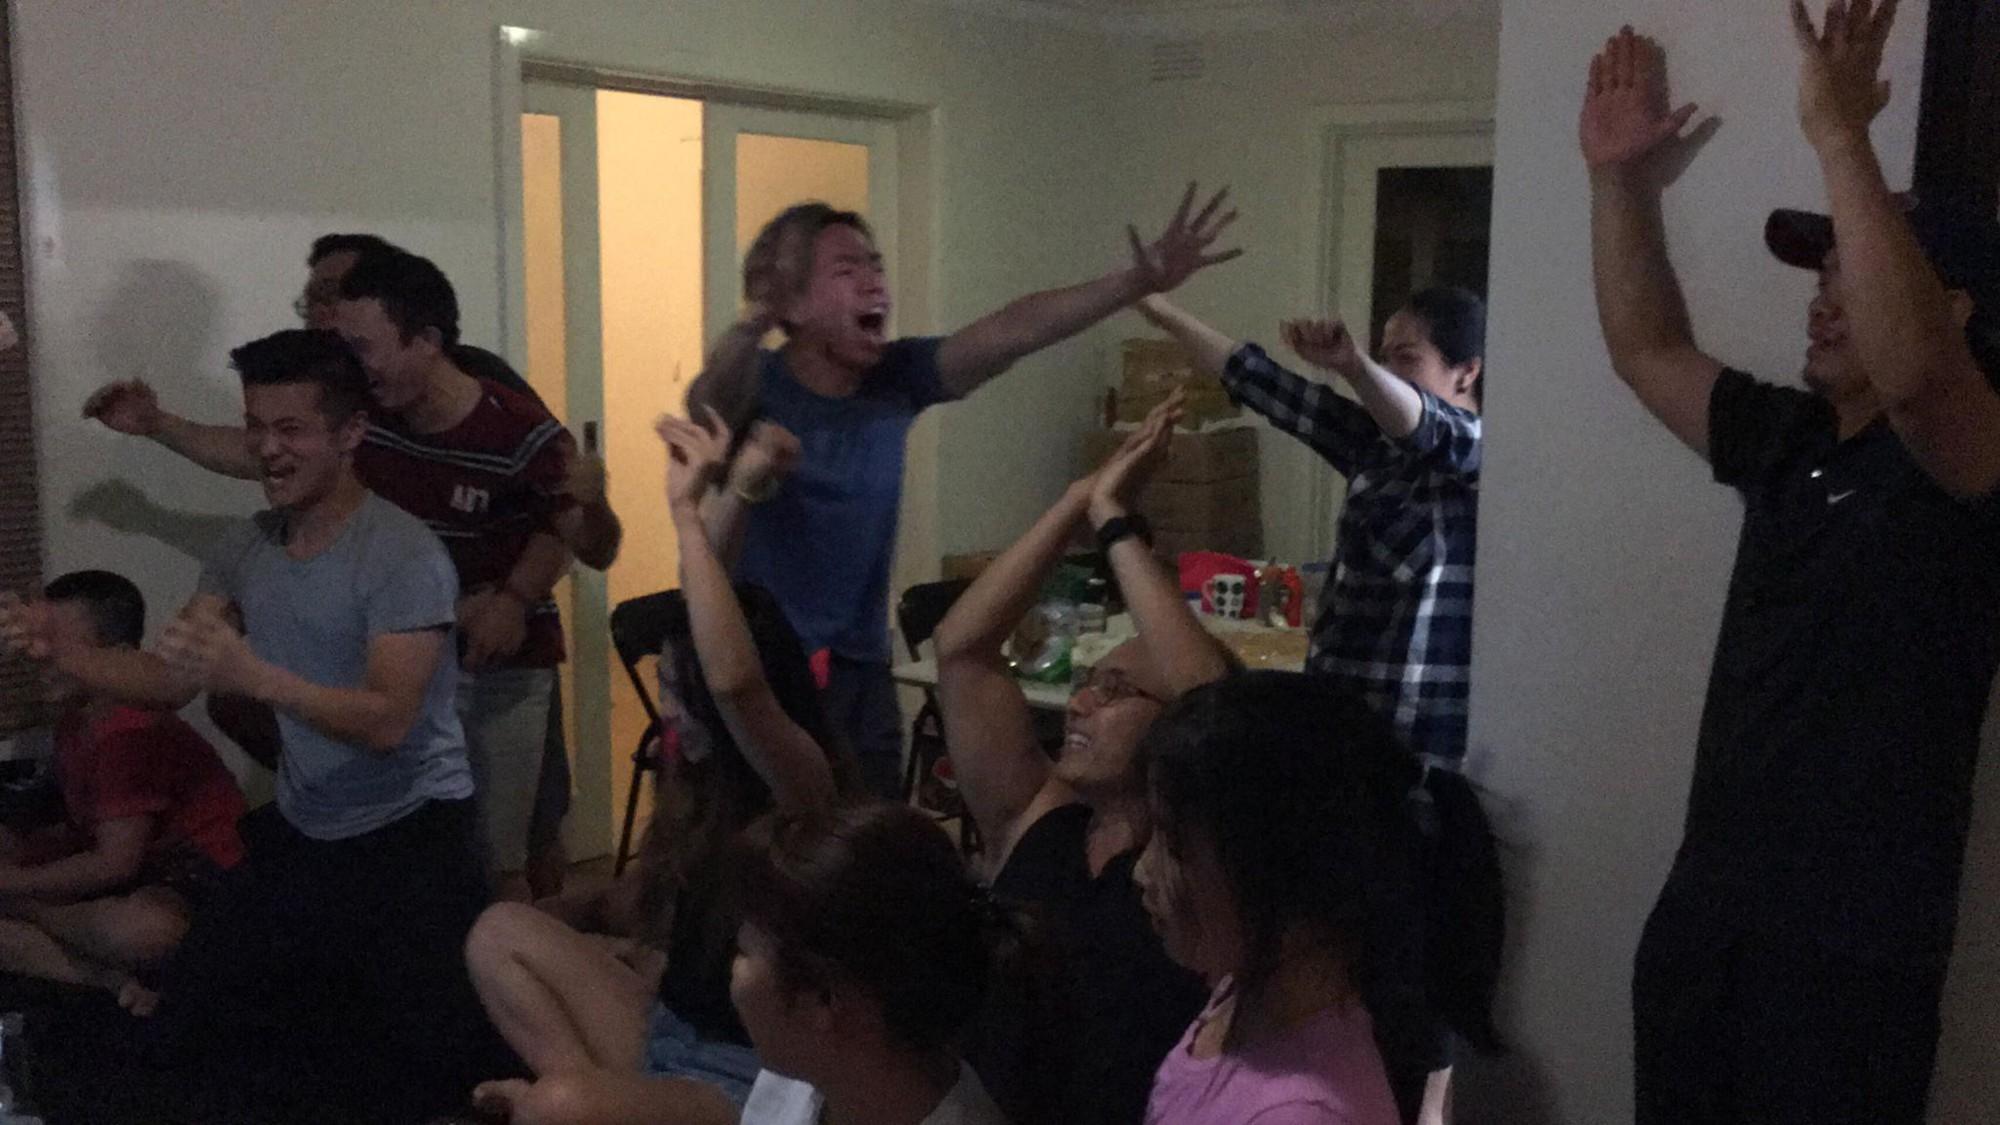 Tâm sự của du học sinh Úc xem bán kết U23 Việt Nam: Mừng muốn khóc mà không ra ngoài đường được, đành gọi về nhà chúc mừng bố mẹ - Ảnh 3.